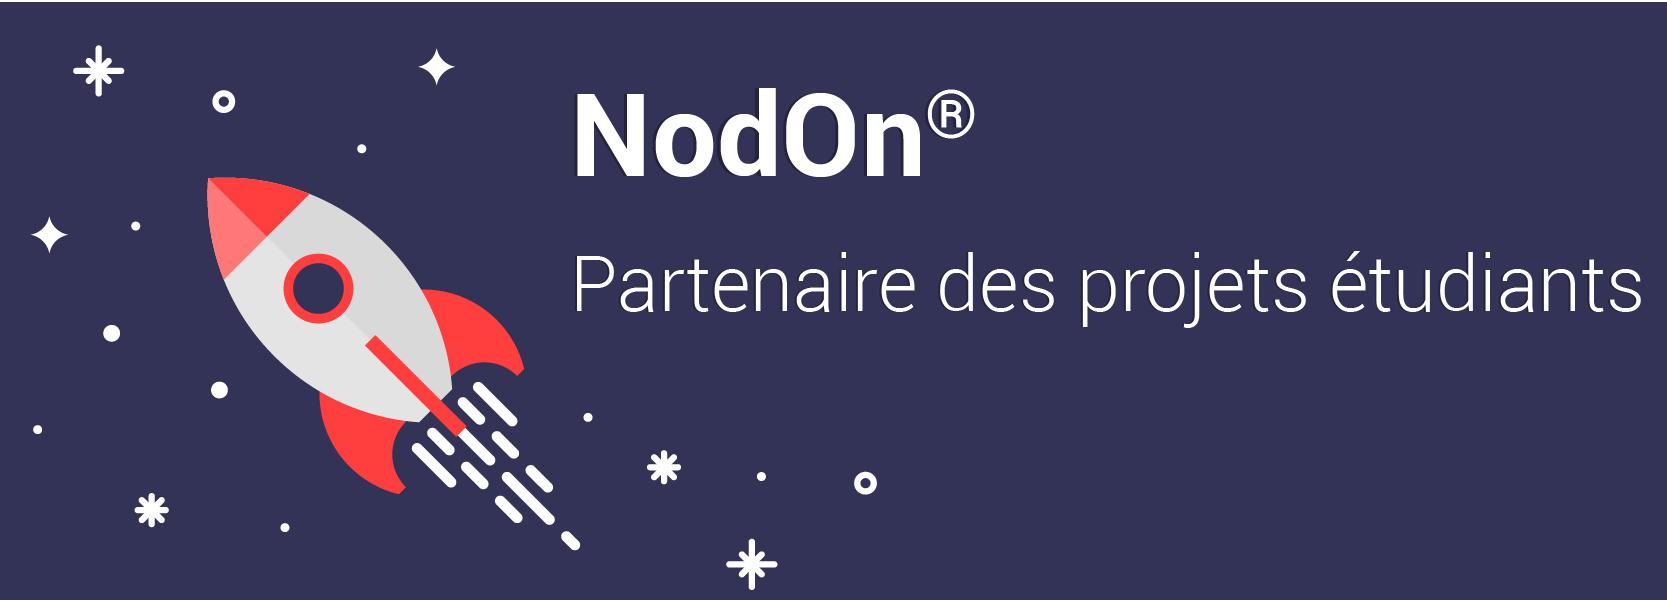 NodOn partenaire des étudiants